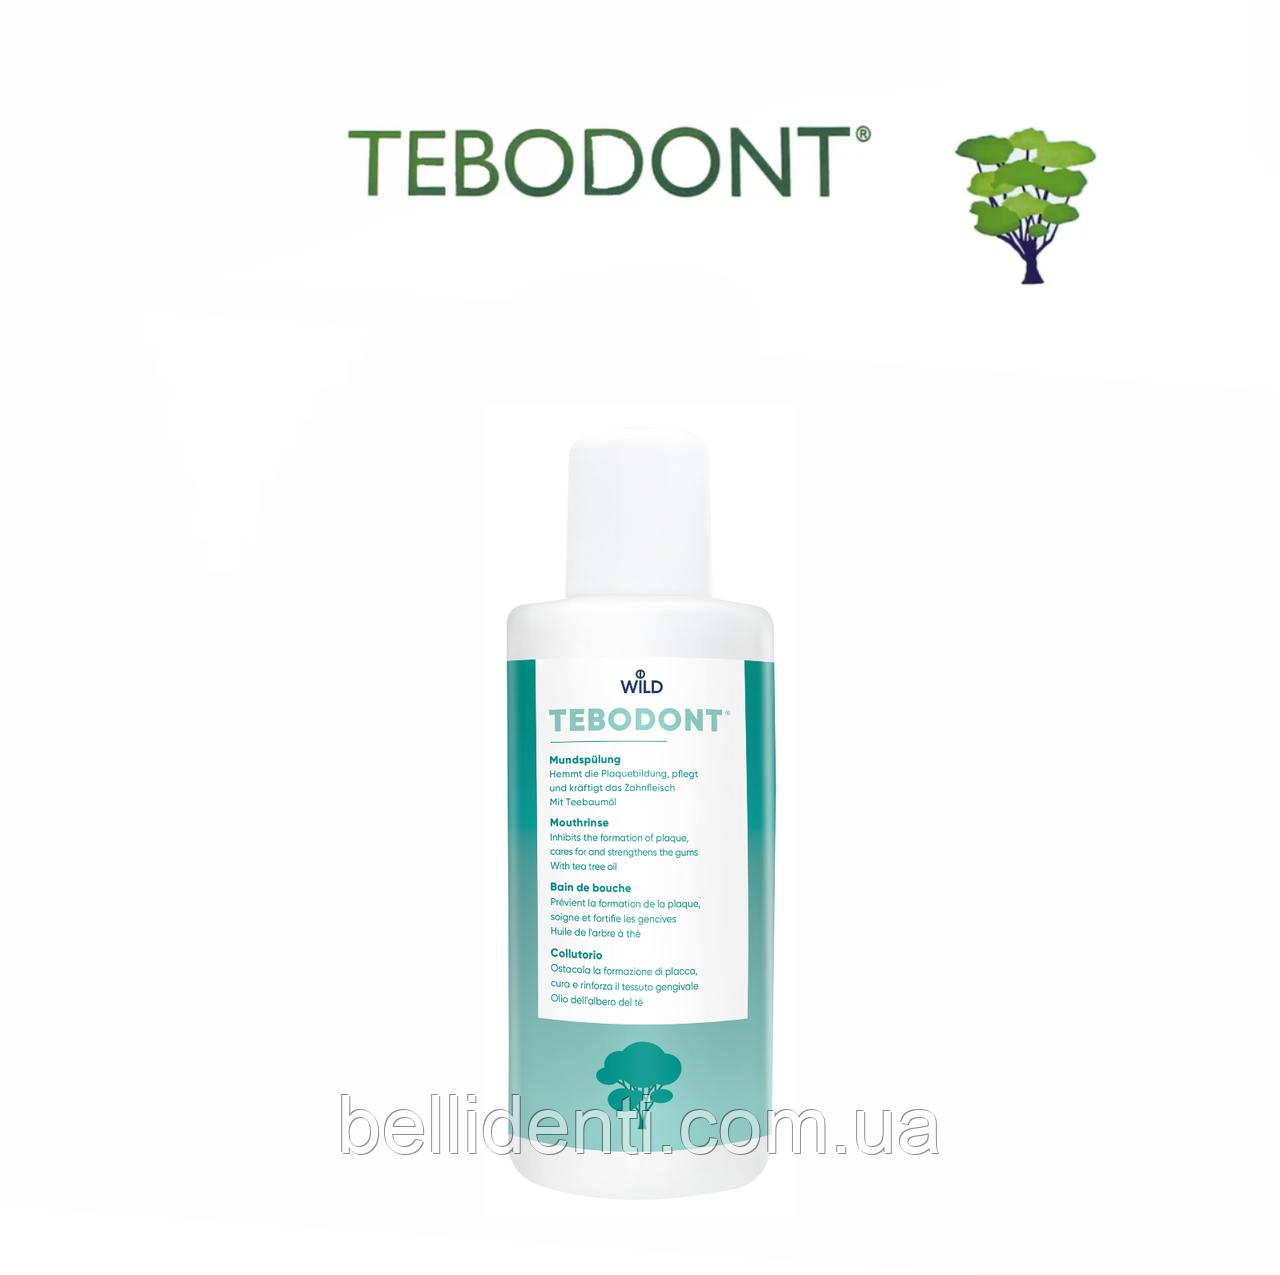 TEBODONT Ополаскиватель для полости рта с маслом чайного дерева (Melaleuca Alternifolia), без фторида, 400 мл